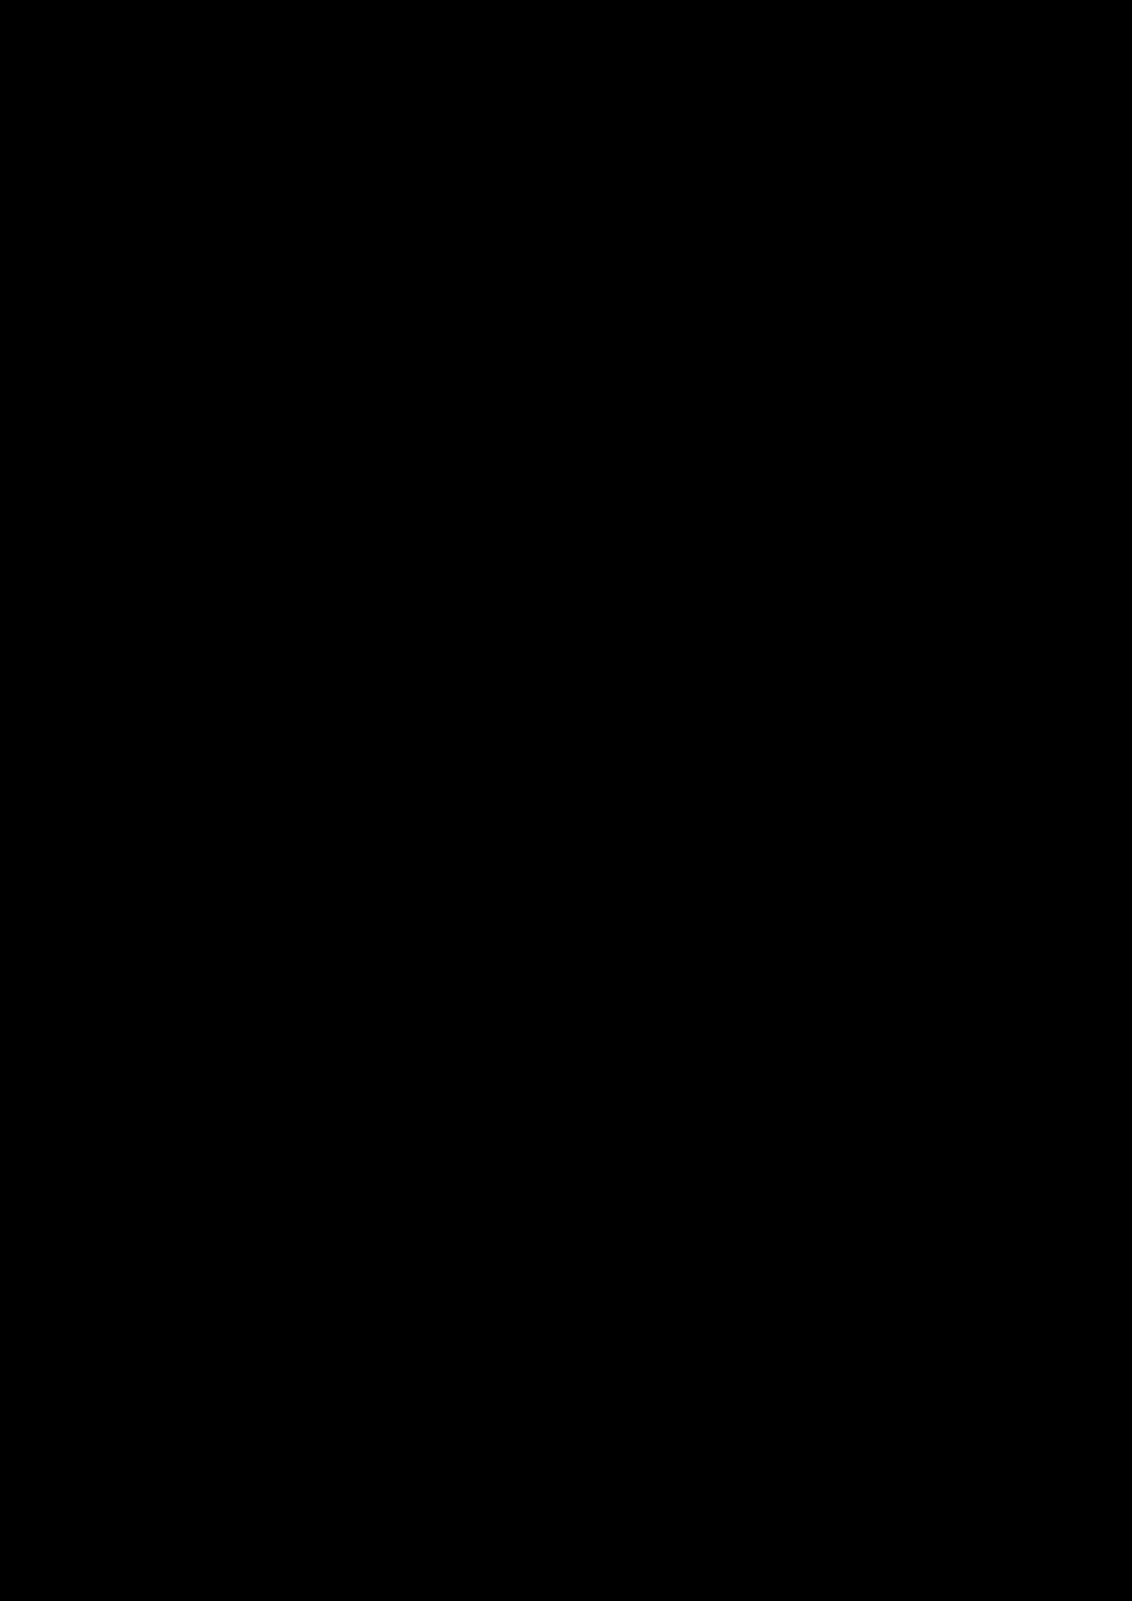 Zagadka volshebnoy stranyi slide, Image 160